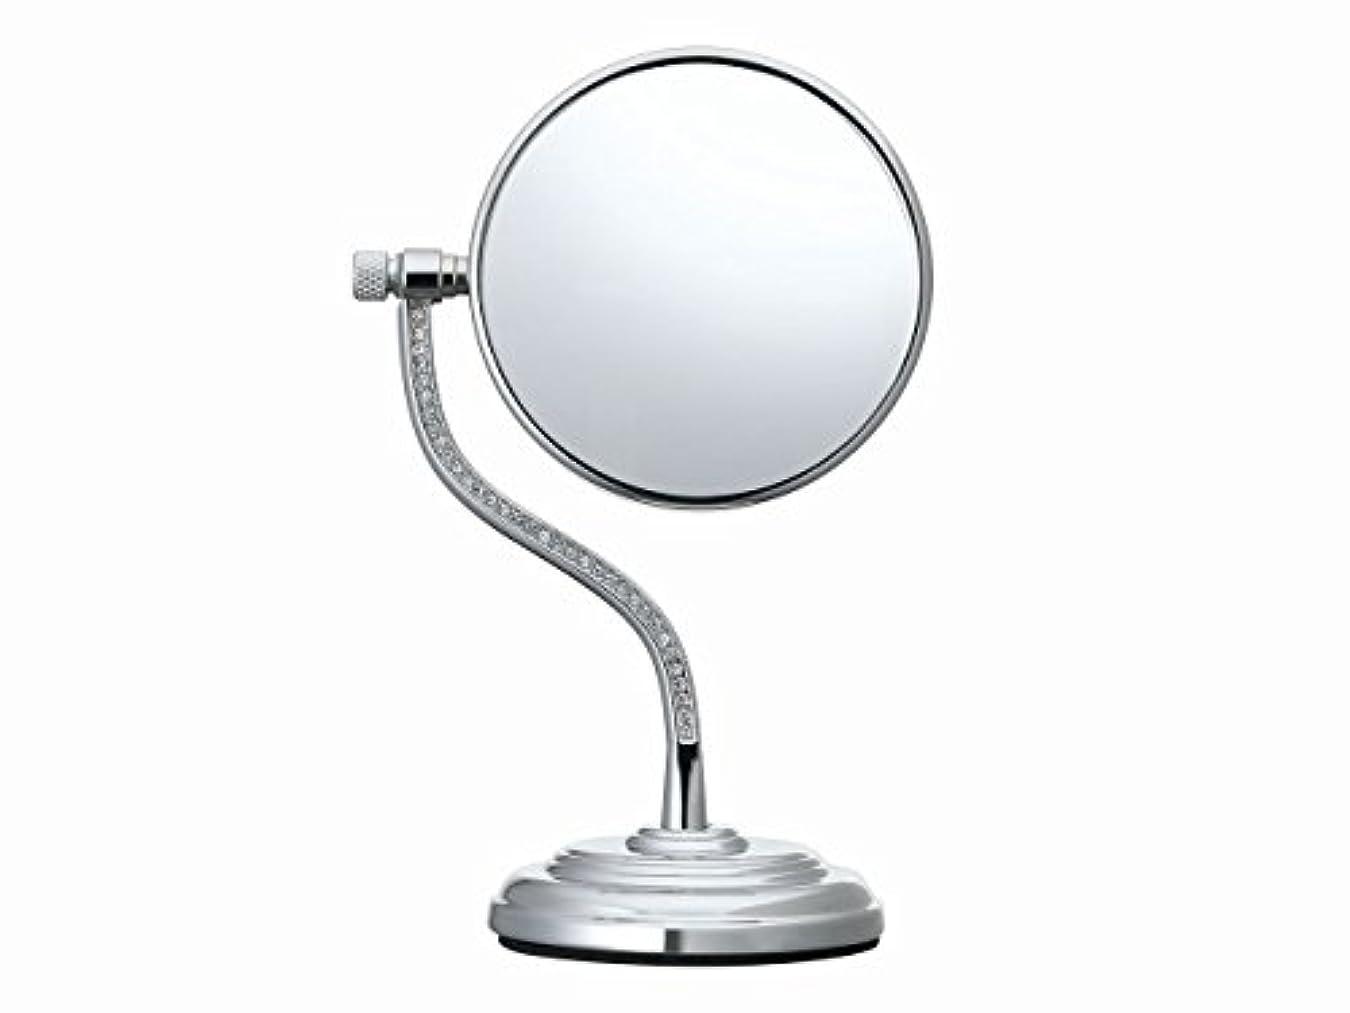 教師の日釈義金額コイズミ 拡大鏡 サイズφ75mm シルバー KBE-3060/S